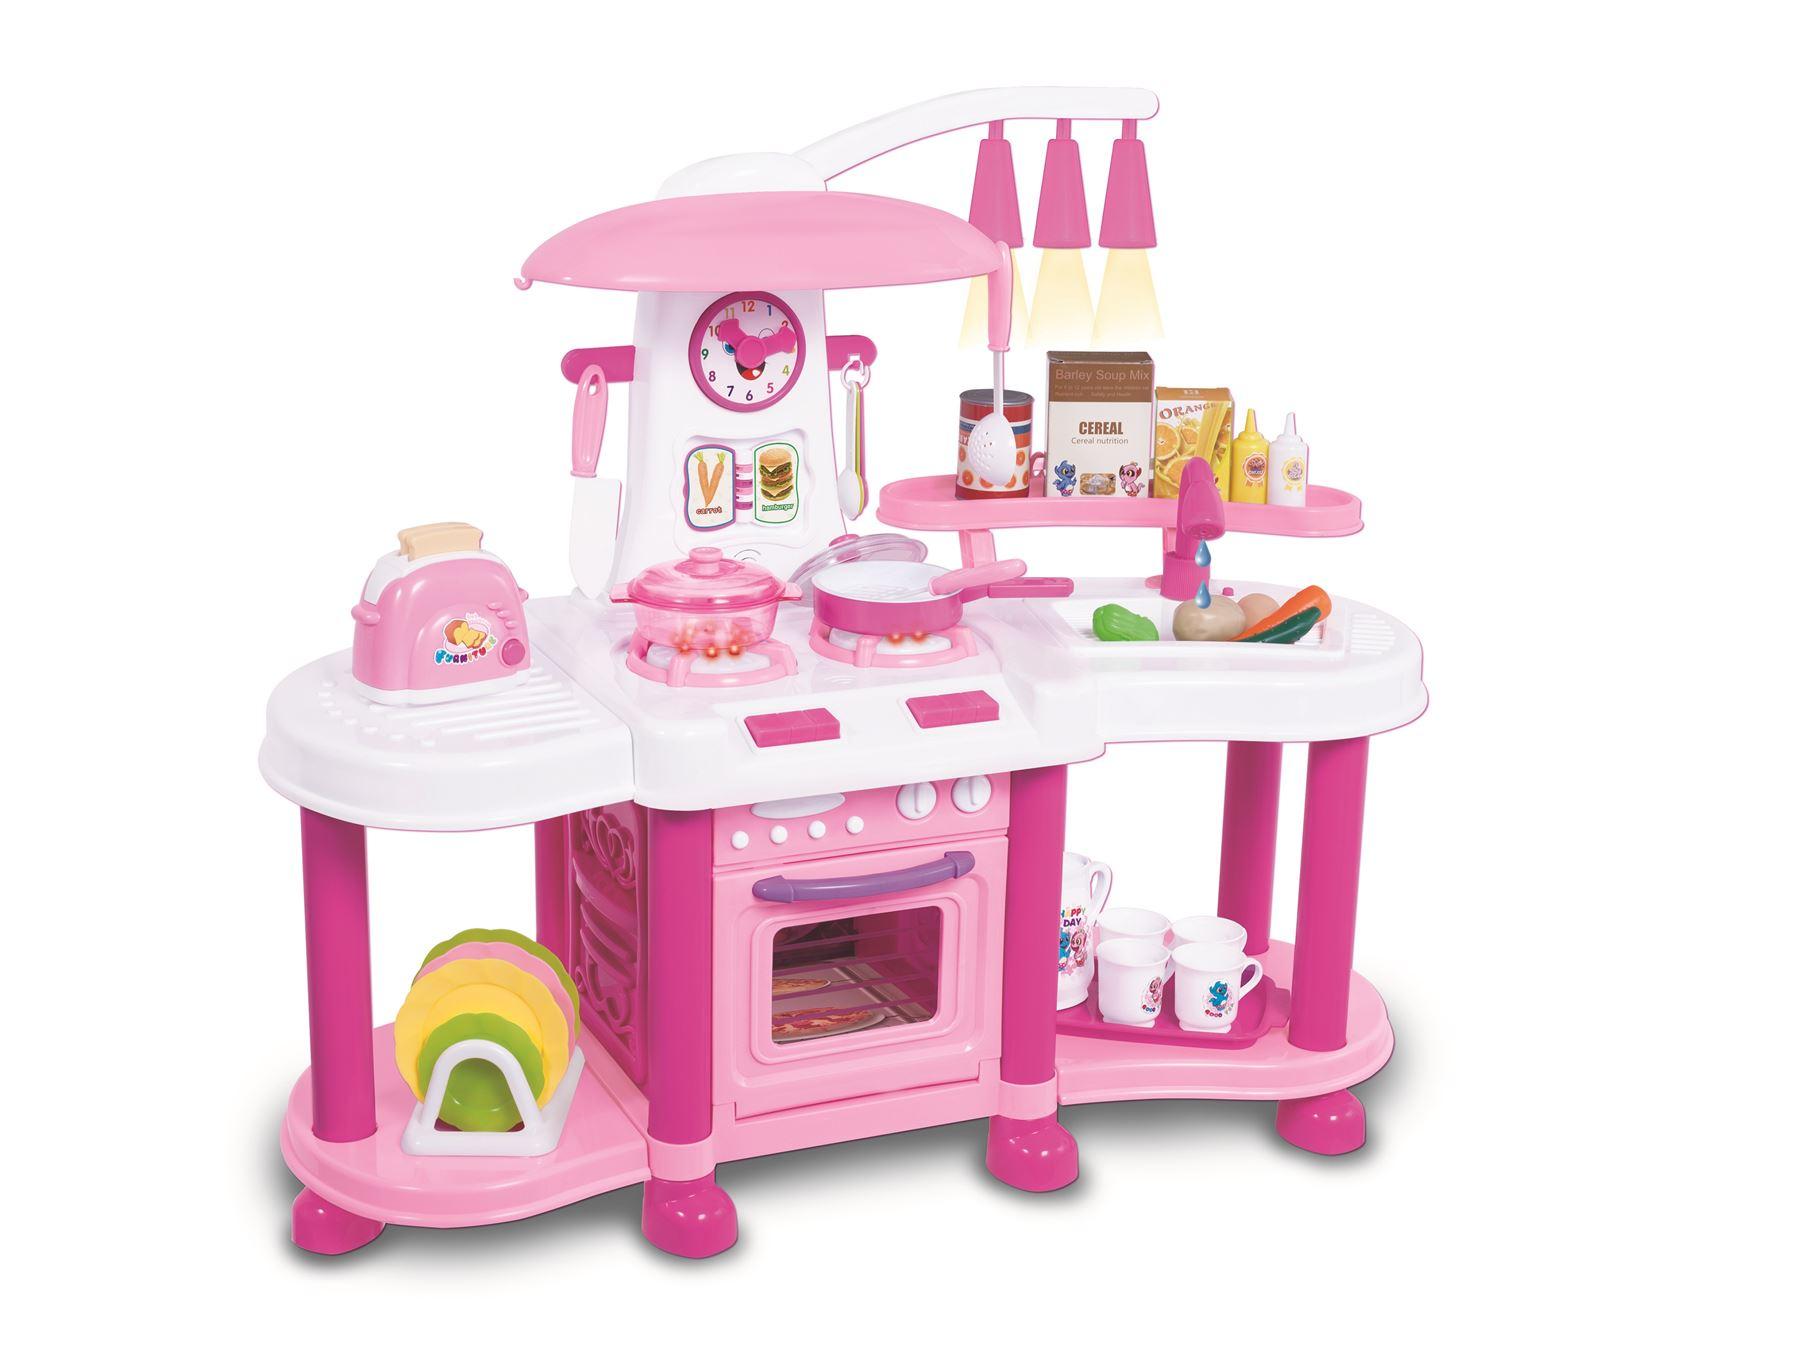 Vinsani Kitchen Food Cooking Appliances Kids Craft Pretend